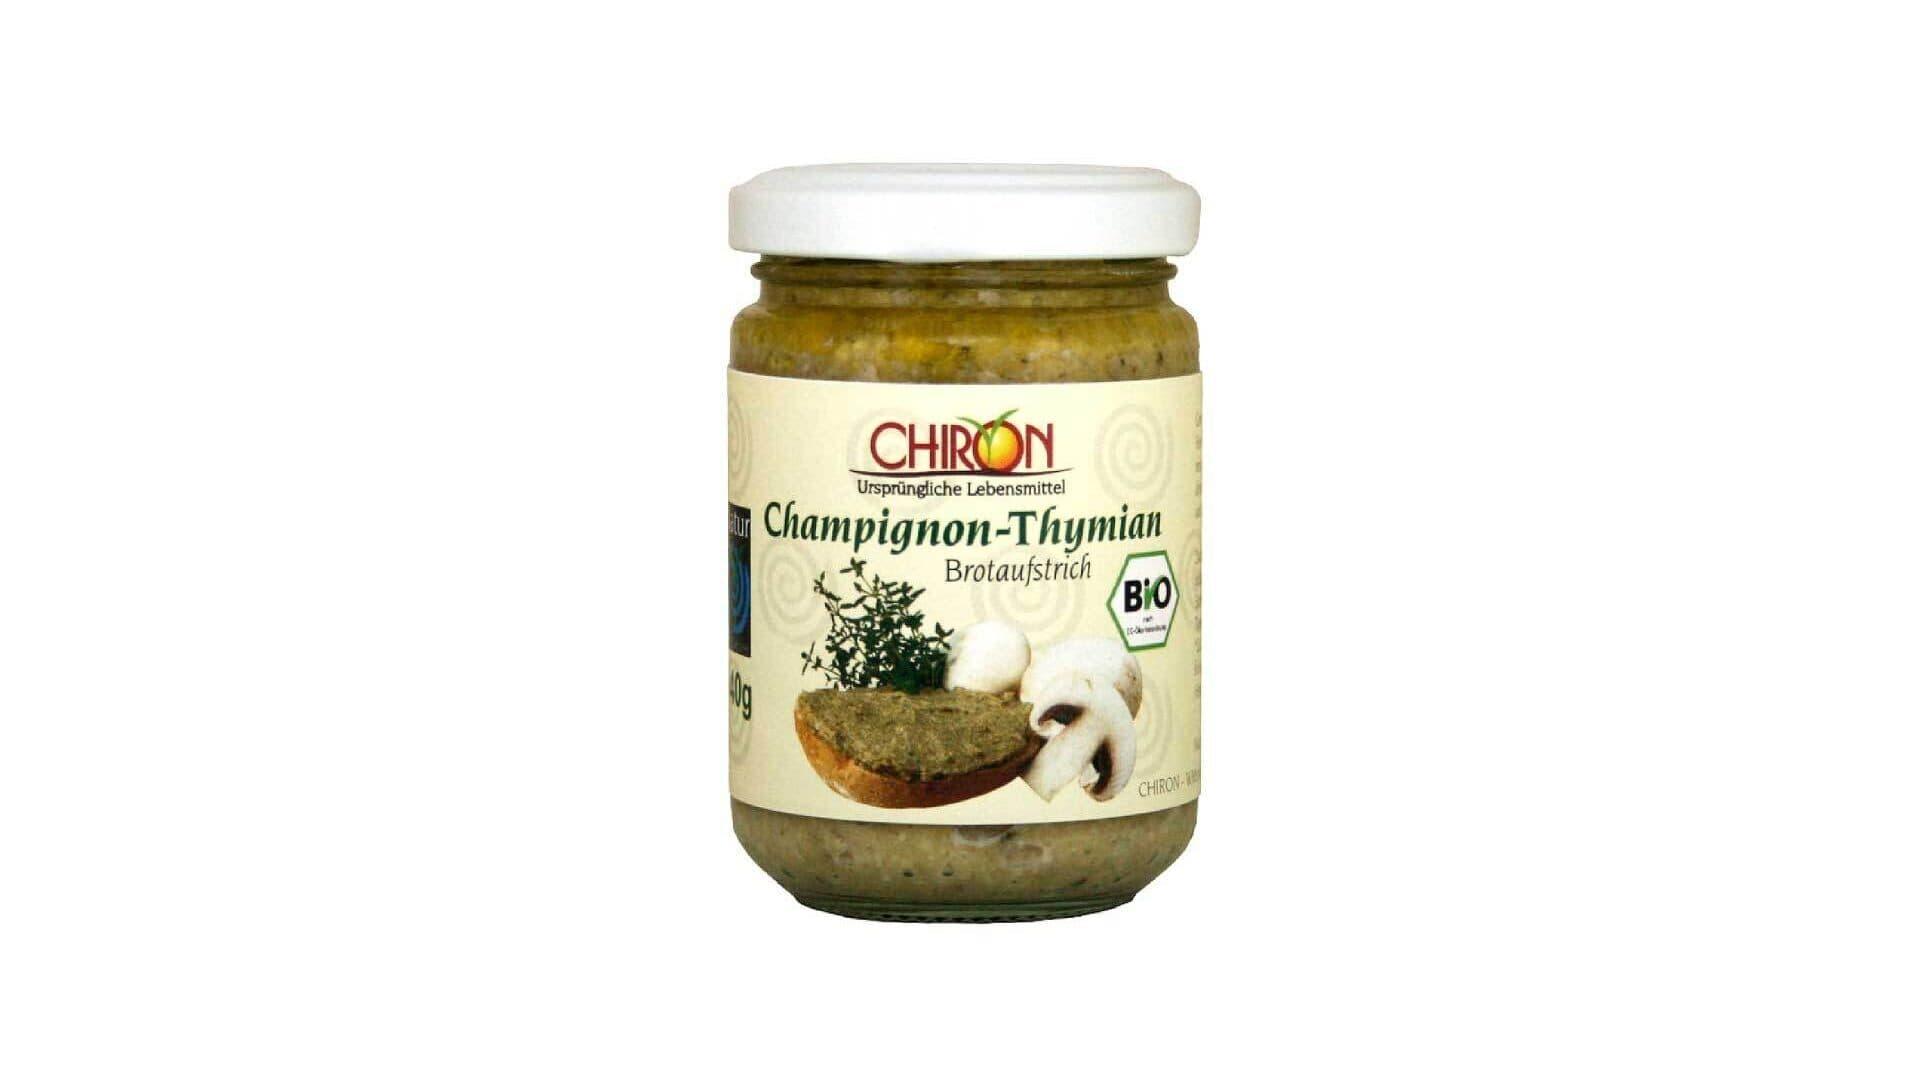 Chiron Aufstrich Champignon-Thymian